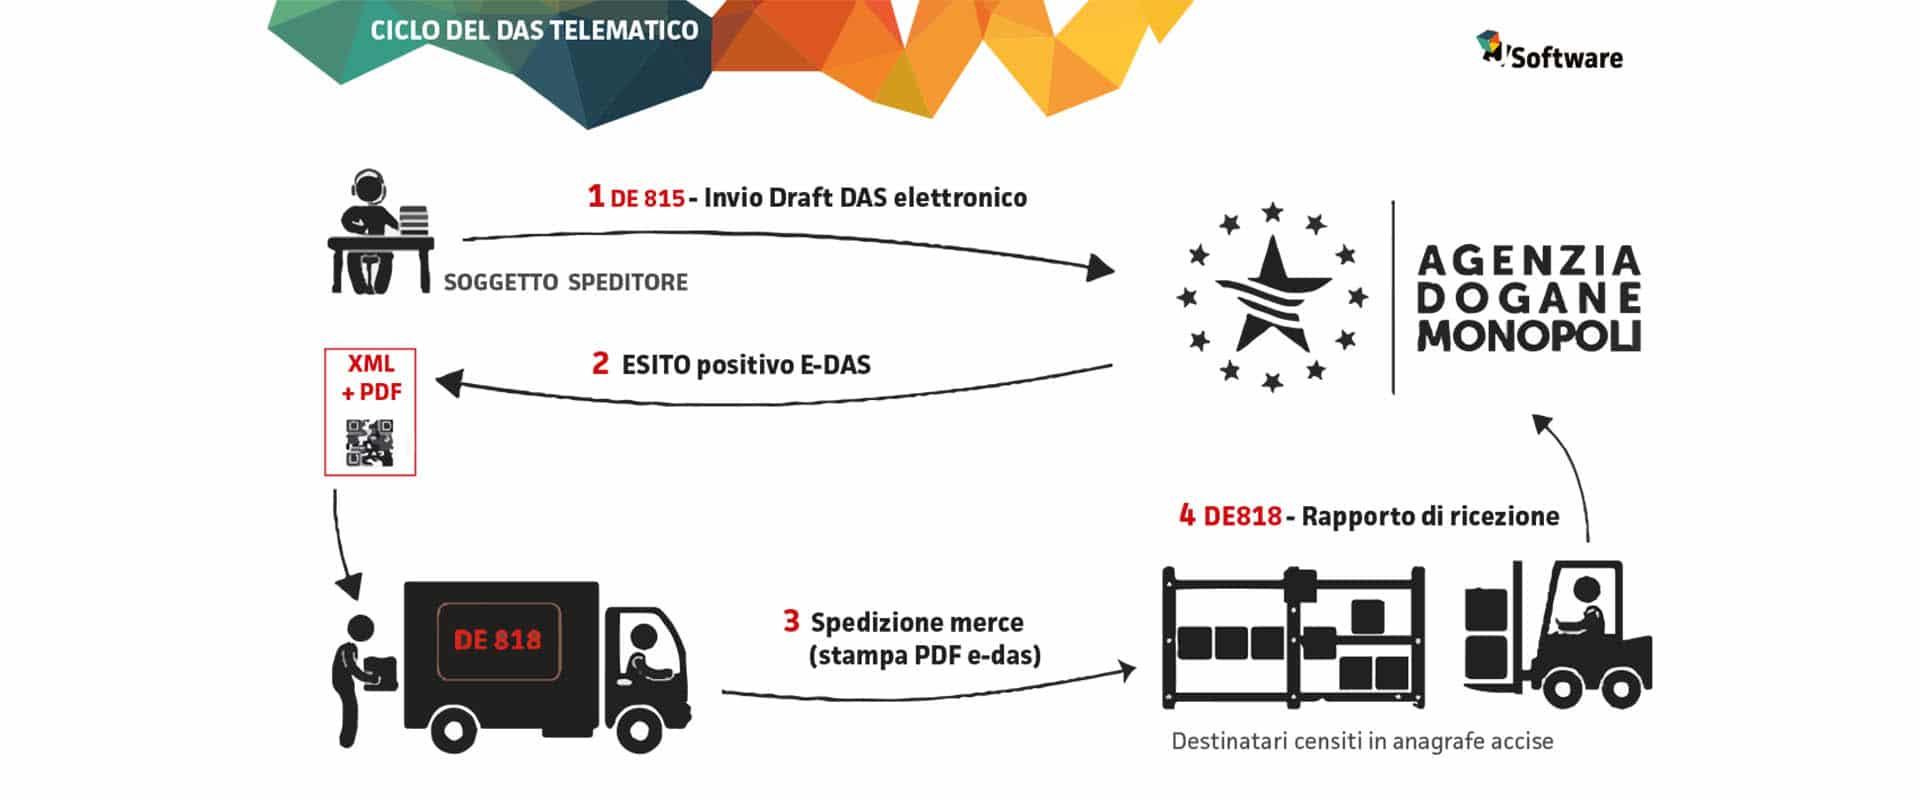 CONFERMA OBBLIGO DI EMISSIONE E-DAS DAL 1 OTTOBRE : CHIARIMENTI OPERATIVI